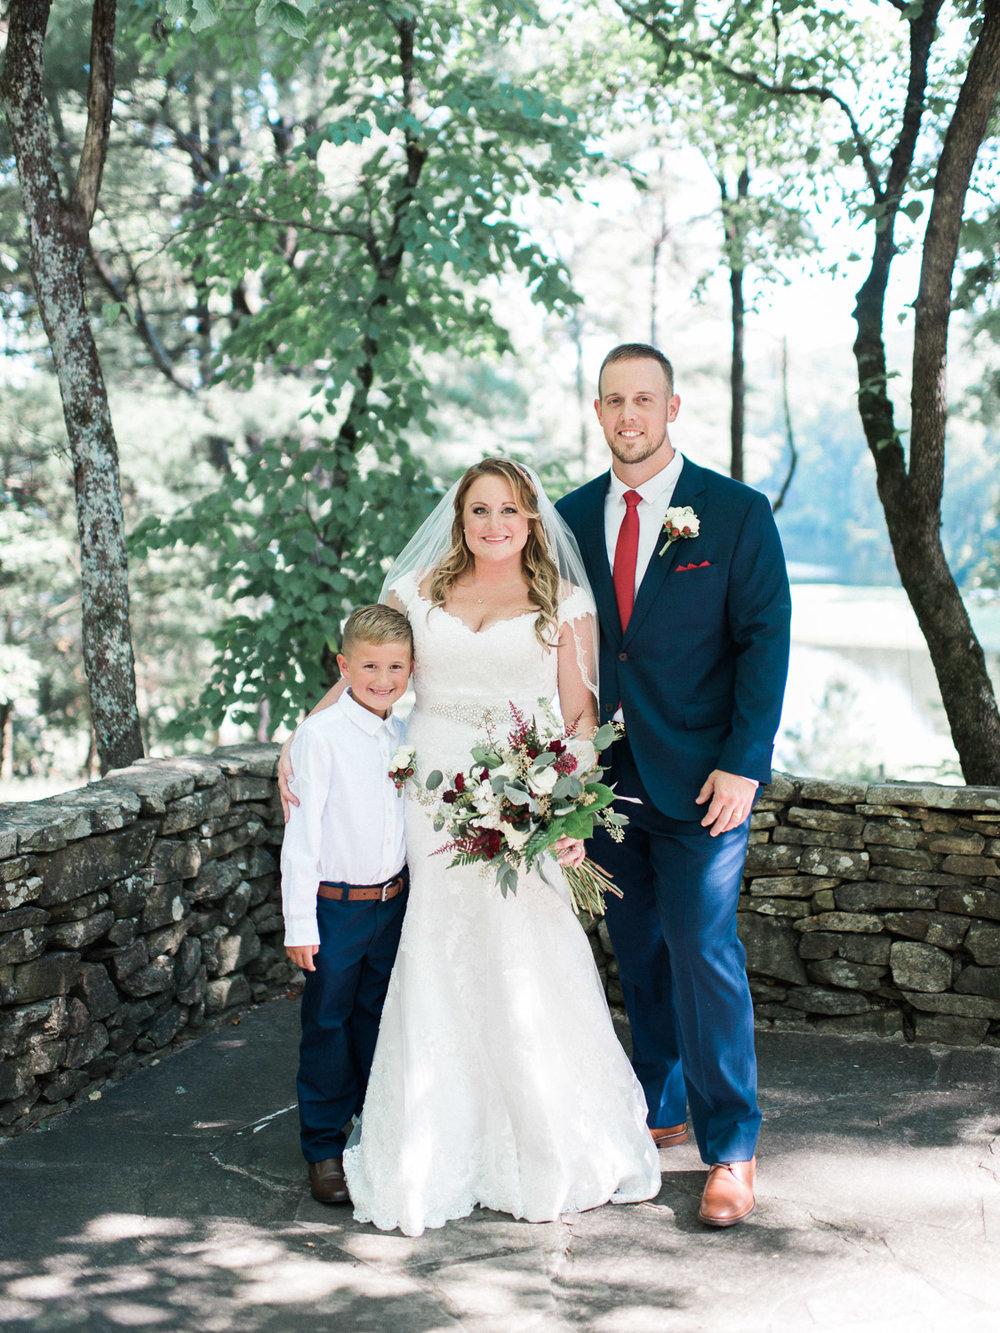 ashleybilly-wedding-familyportraits-christinadavisphoto52.jpg